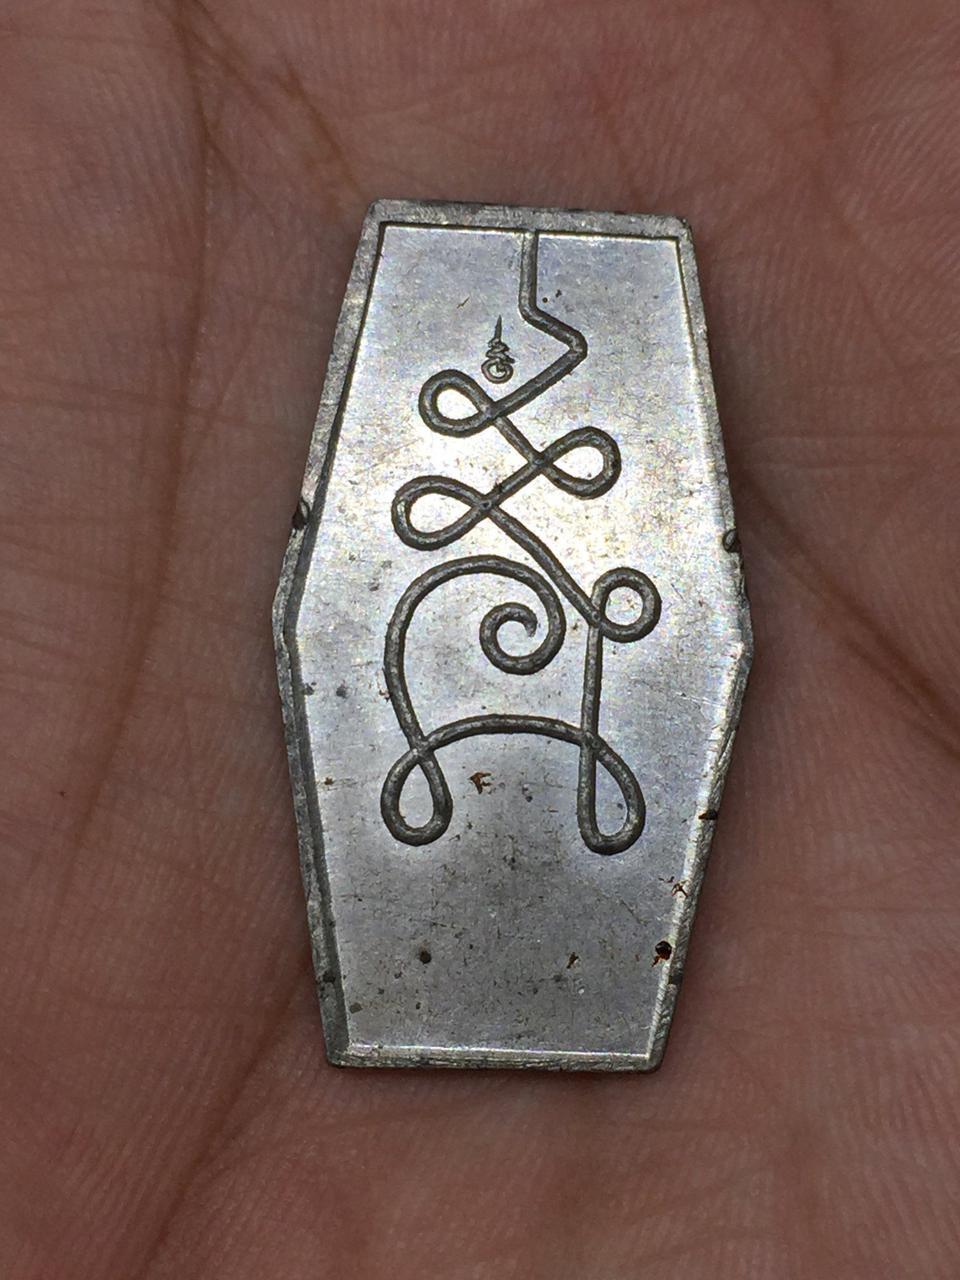 ปู่ศูขเหรียญหกเหลี่ยมพระสวยพิธีใหญ่ออกวัดมะขามเฒ่า รูปที่ 1